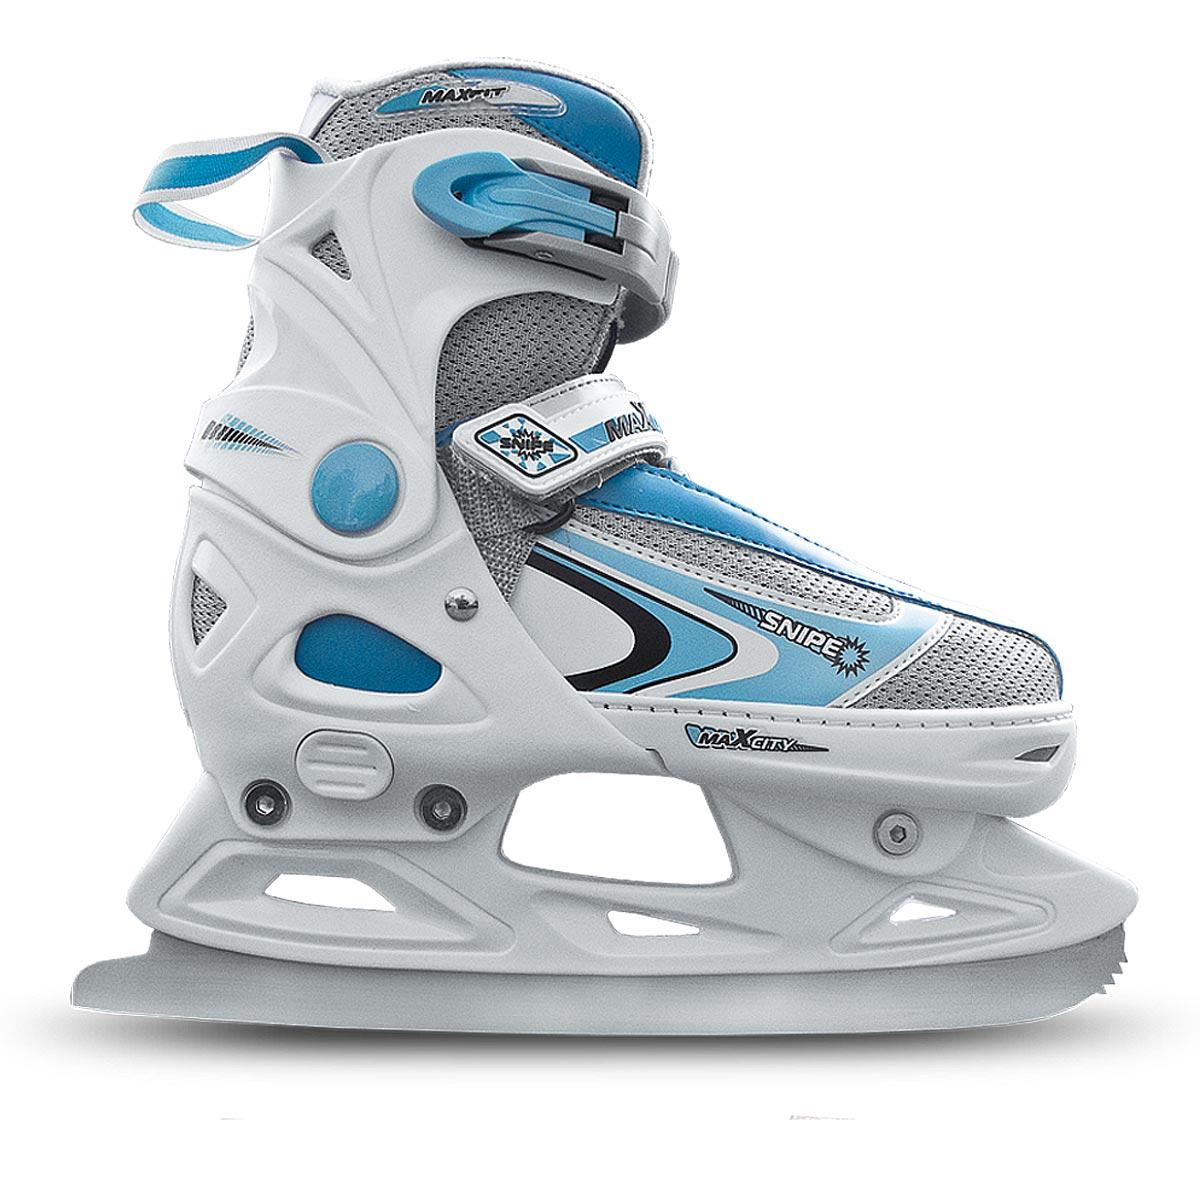 Коньки ледовые для девочки MaxCity Snipe Girl, раздвижные, цвет: белый, голубой. Размер 33/36